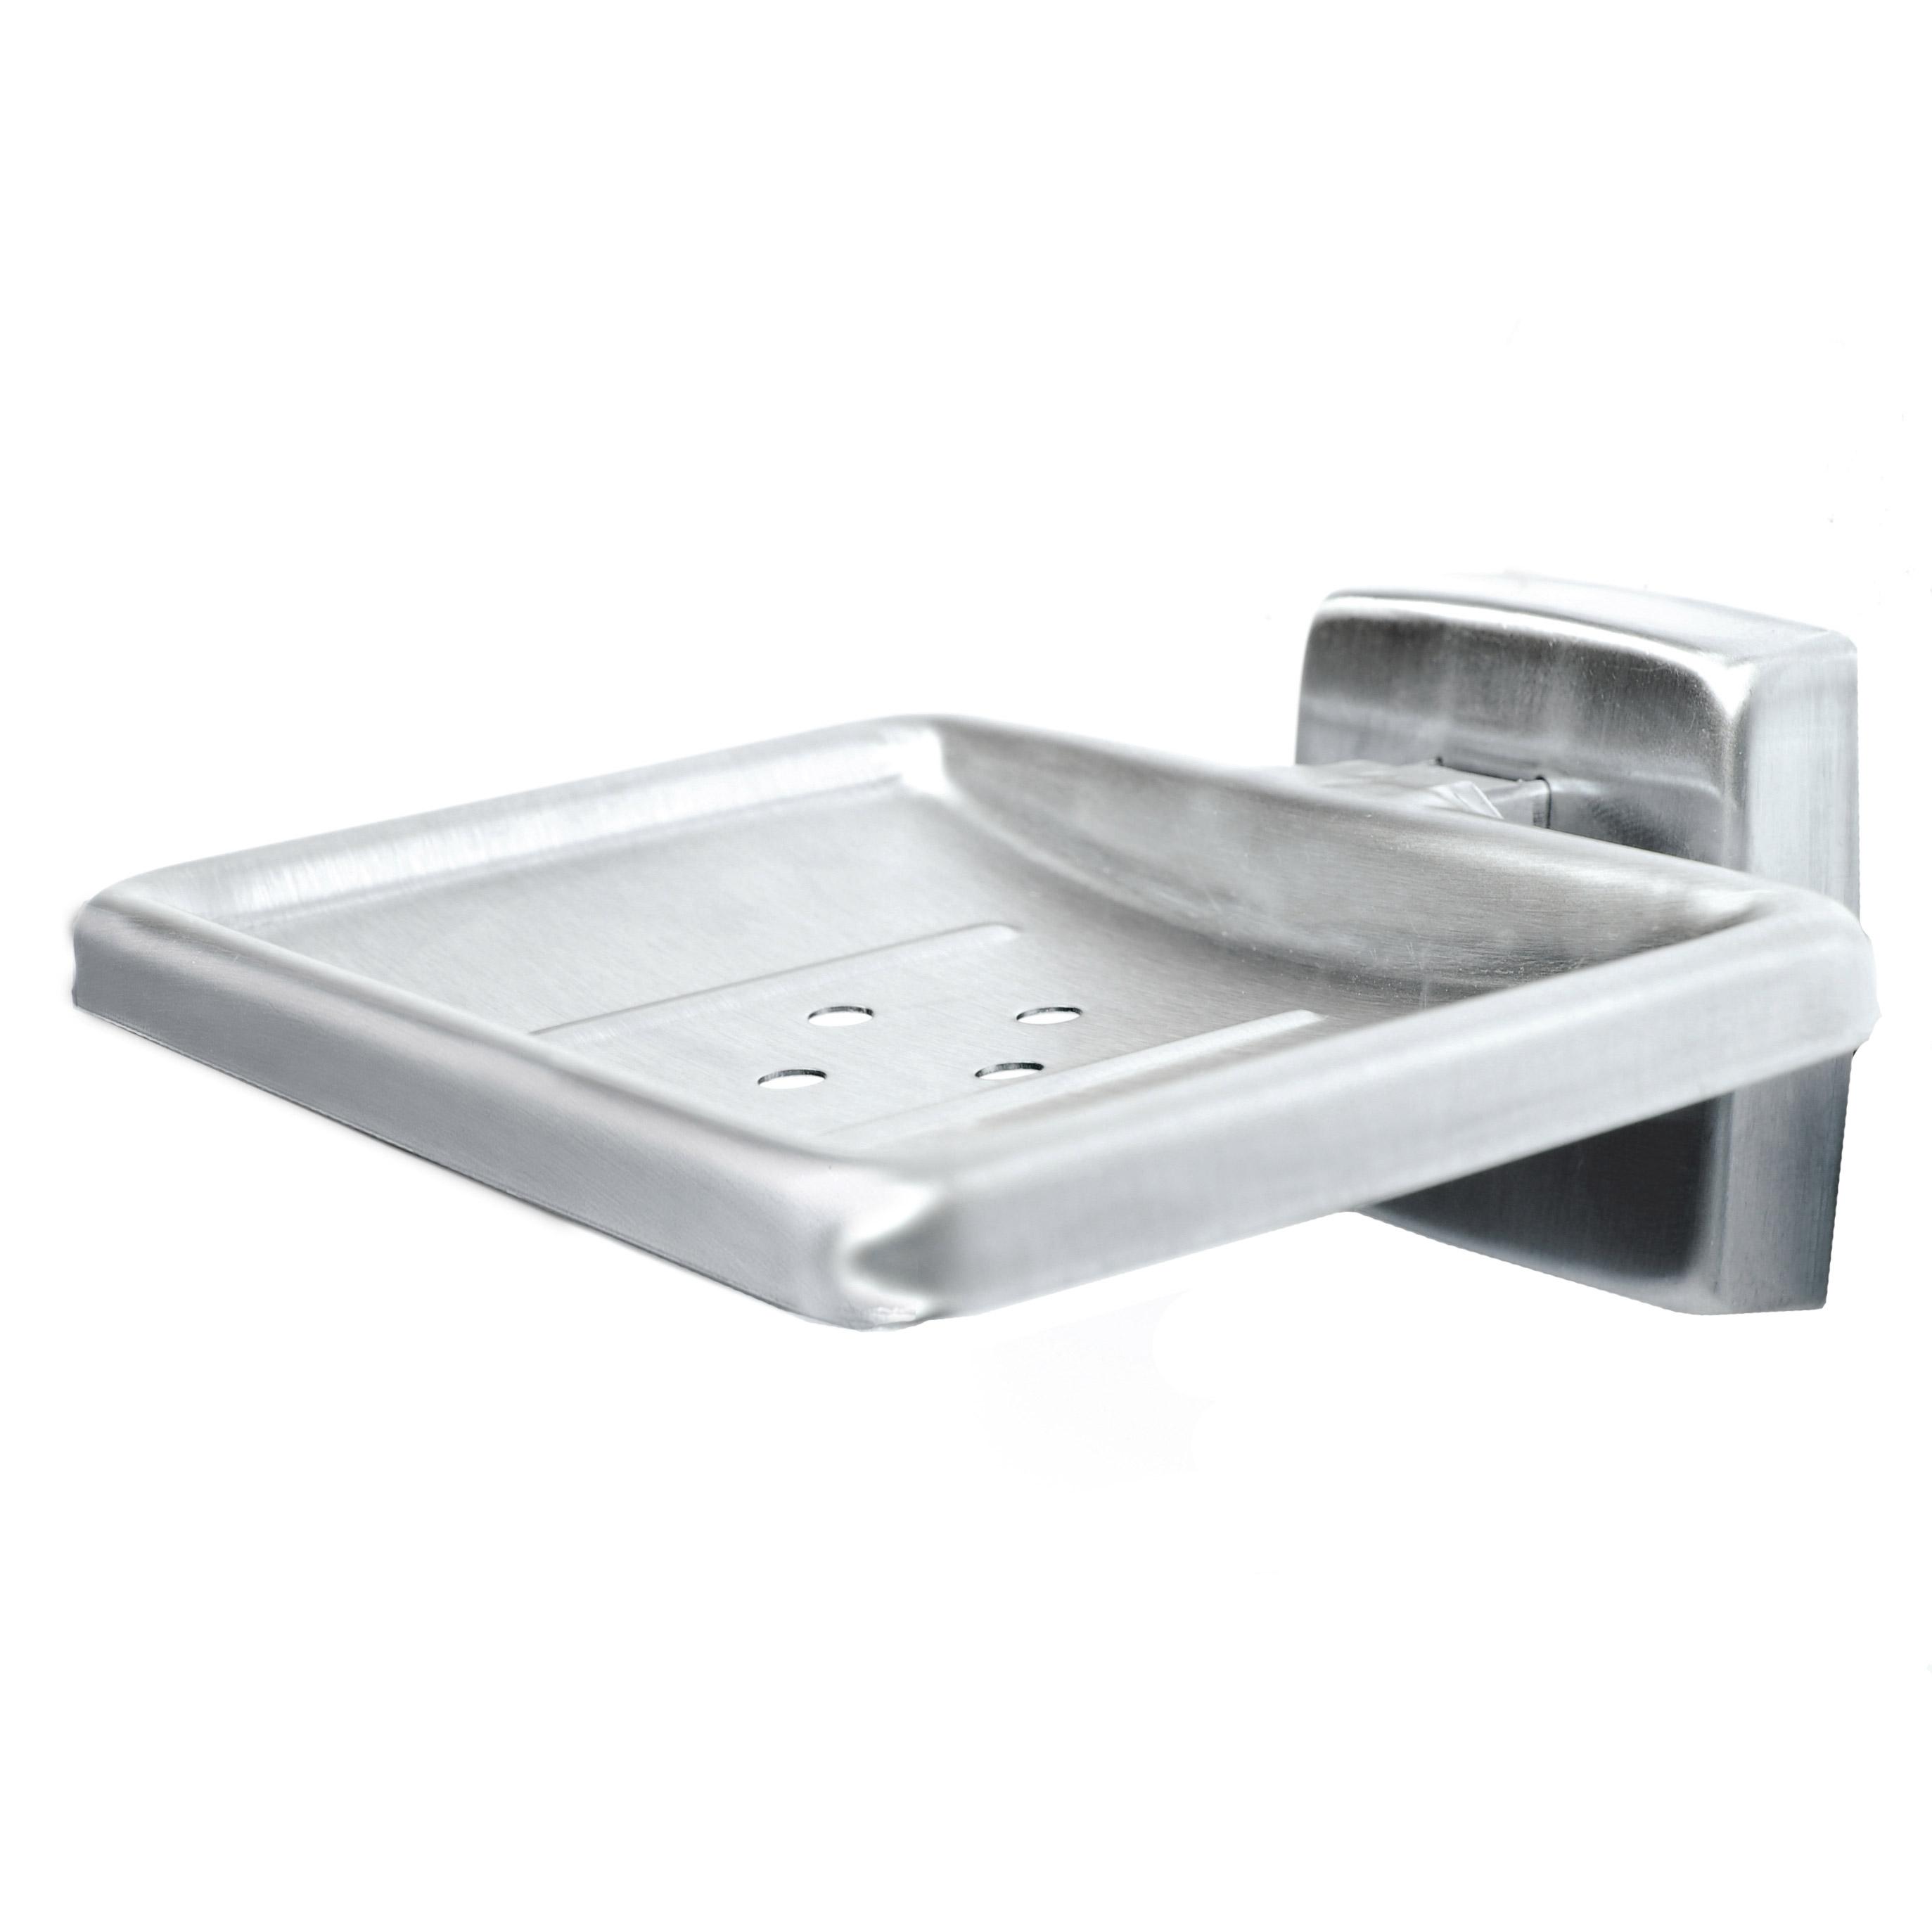 Jabonera de acero inoxidable montada en superficie for Jabonera acero inoxidable